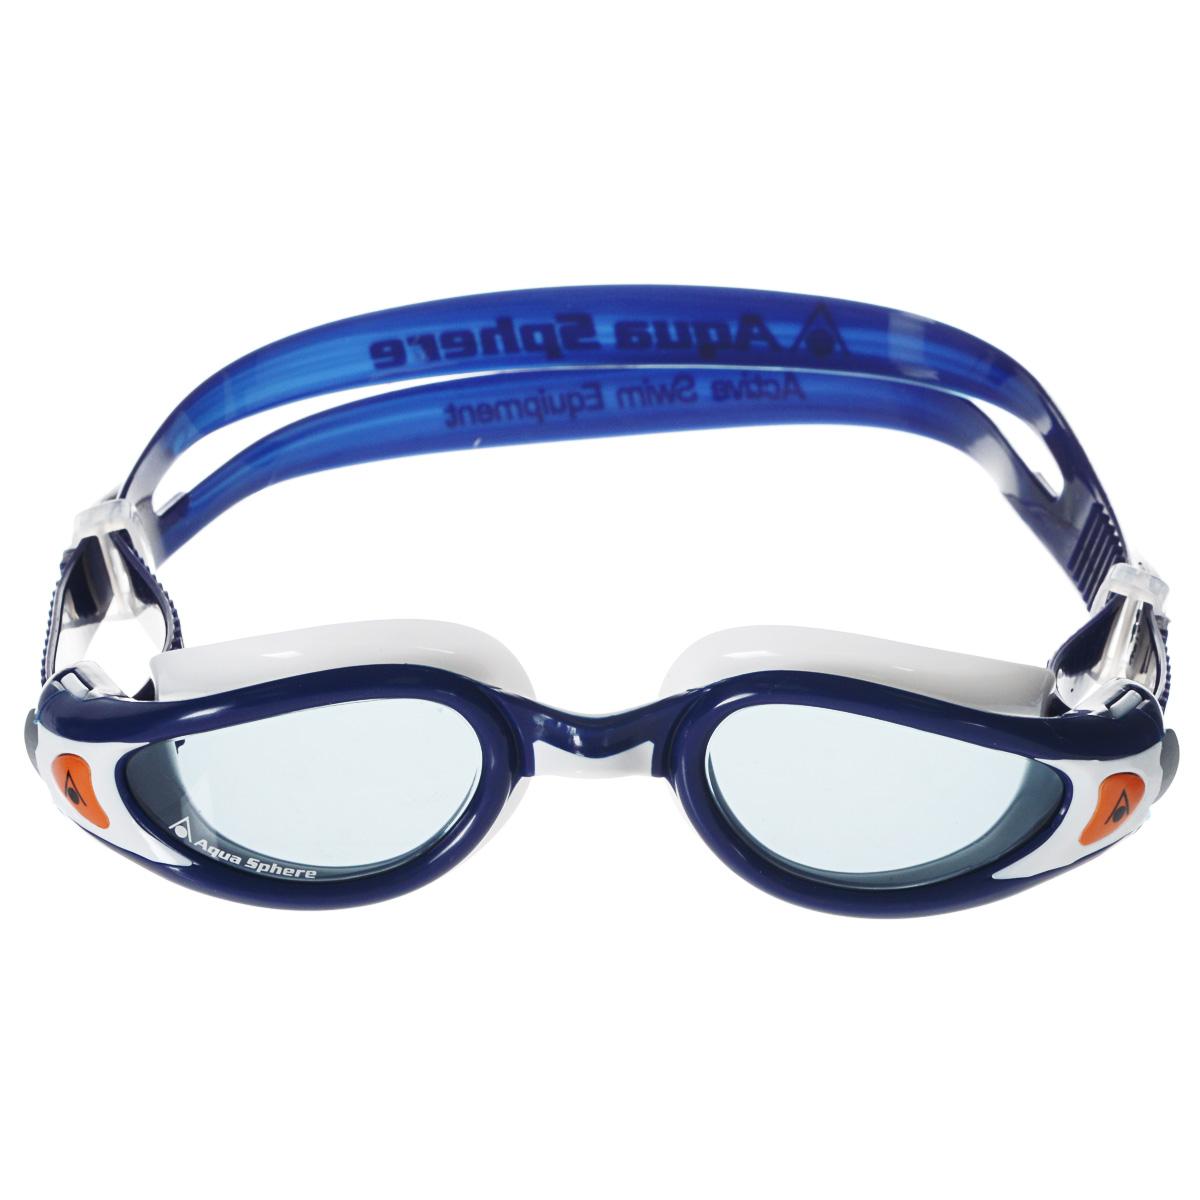 Очки для плавания Aqua Sphere Kaiman Exo Junior, цвет: синий, белыйTN 175830Легкие детские очки Aqua Sphere Kaiman Exo (вес всего 34 грамма) идеально подходят для плавания в бассейне или открытой воде. Особая технология изогнутых линз позволяет обеспечить превосходный обзор в 180°, не искажая при этом изображение. Очки дают 100% защиту от ультрафиолетового излучения. Специальное покрытие препятствует запотеванию стекол. Новая технология каркаса EXO-core bi-material обеспечивает максимальную стабильность и комфорт.Подростковая обновленная версия популярных очков Aqua Sphere Kaiman сохраняет все лучшее от взрослой модели.Эластичная саморегулирующаяся переносица.Комфорт и долговечность.Низкопрофильный дизайн.Материал: софтерил, plexisol.